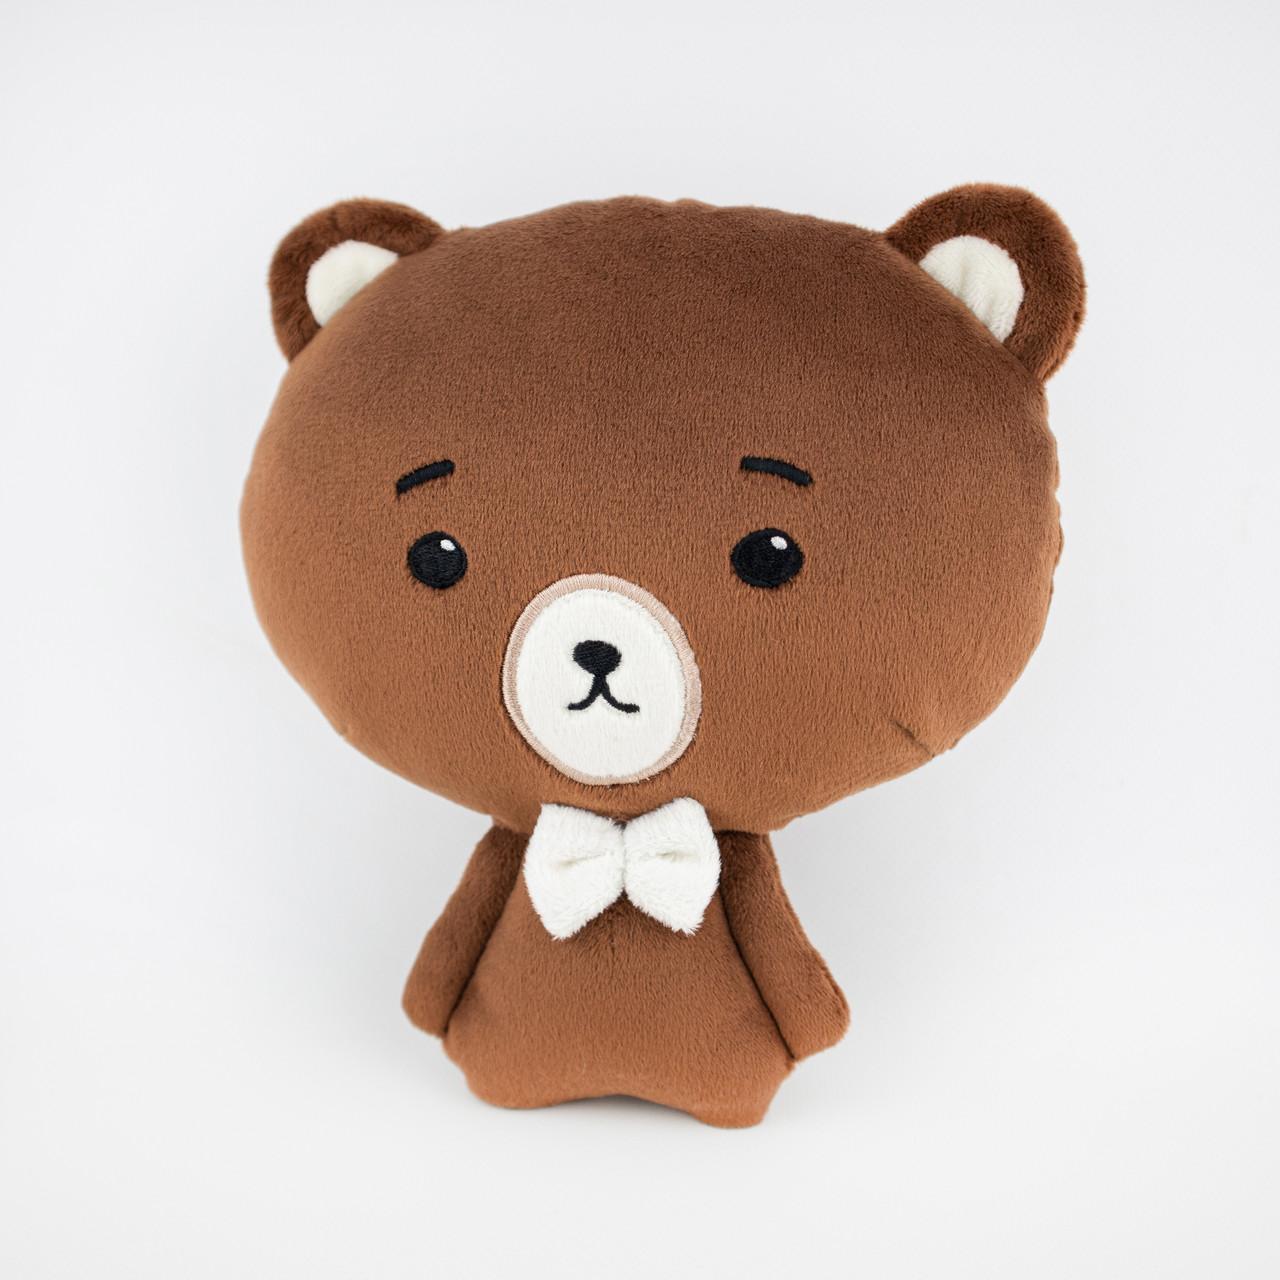 М'яка іграшка Zolushka Ведмежа Ханні 20см коричневий (Z664)